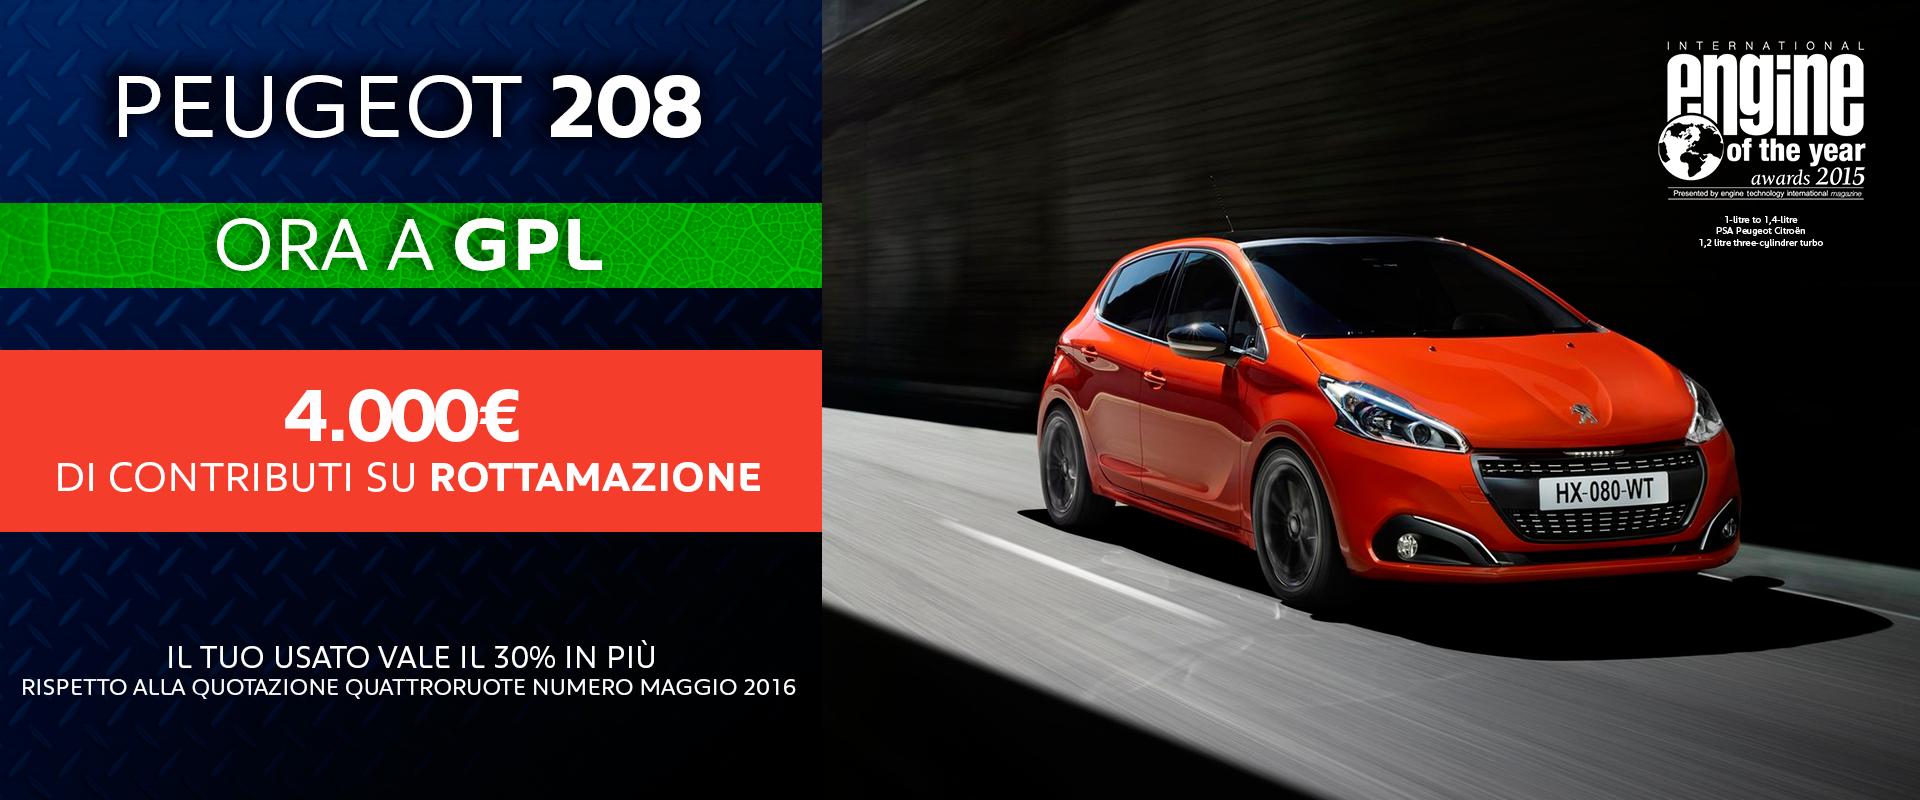 peugeot roma promozione rottamazione 208 professione auto